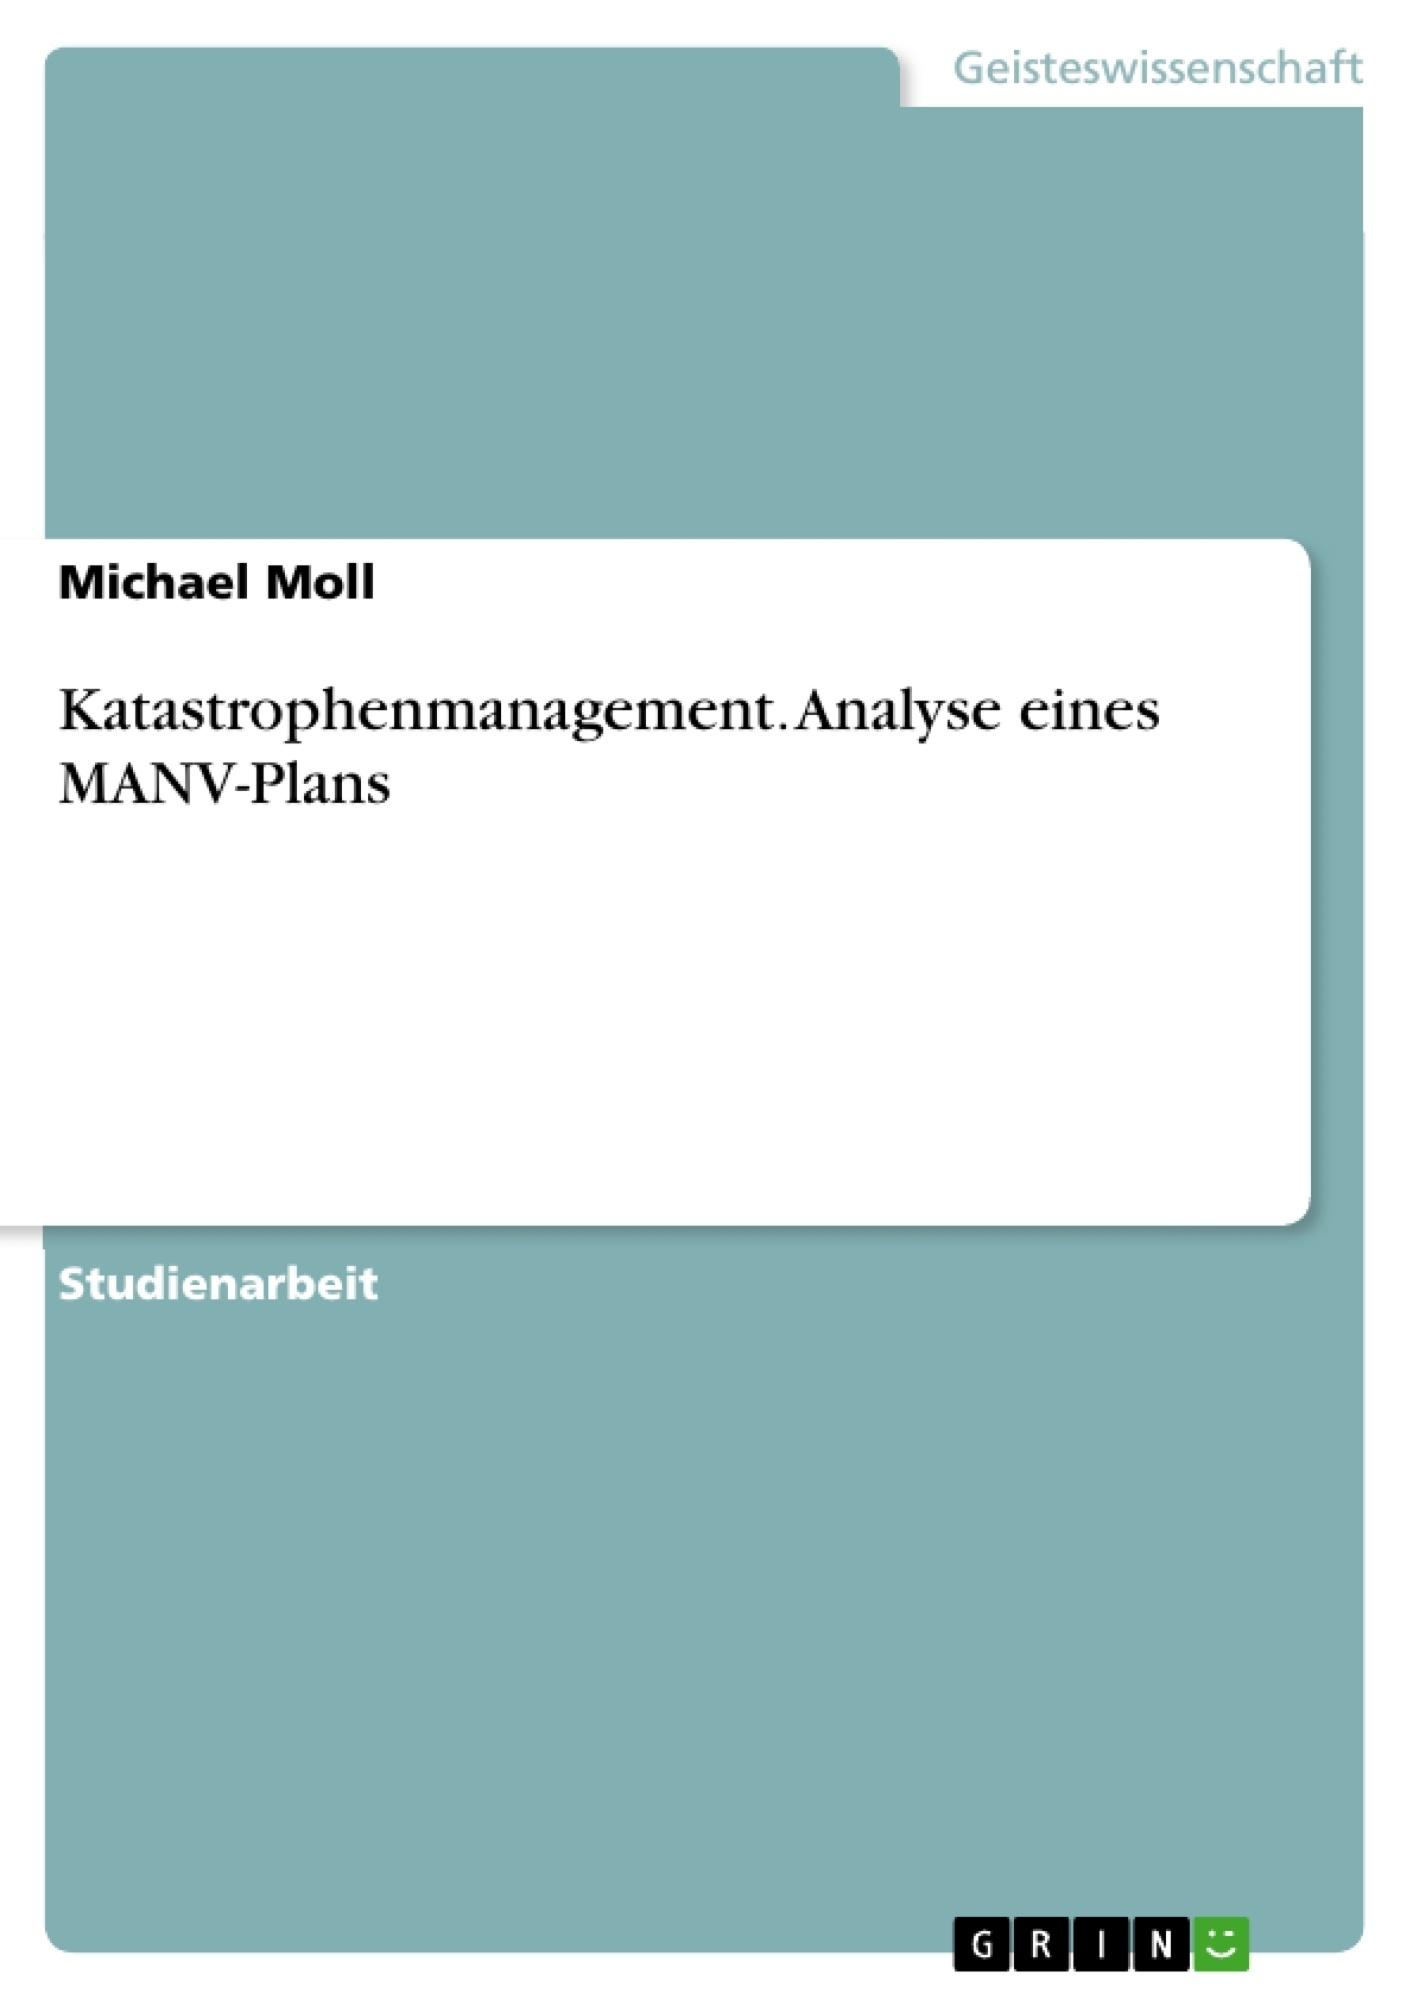 Titel: Katastrophenmanagement. Analyse eines MANV-Plans